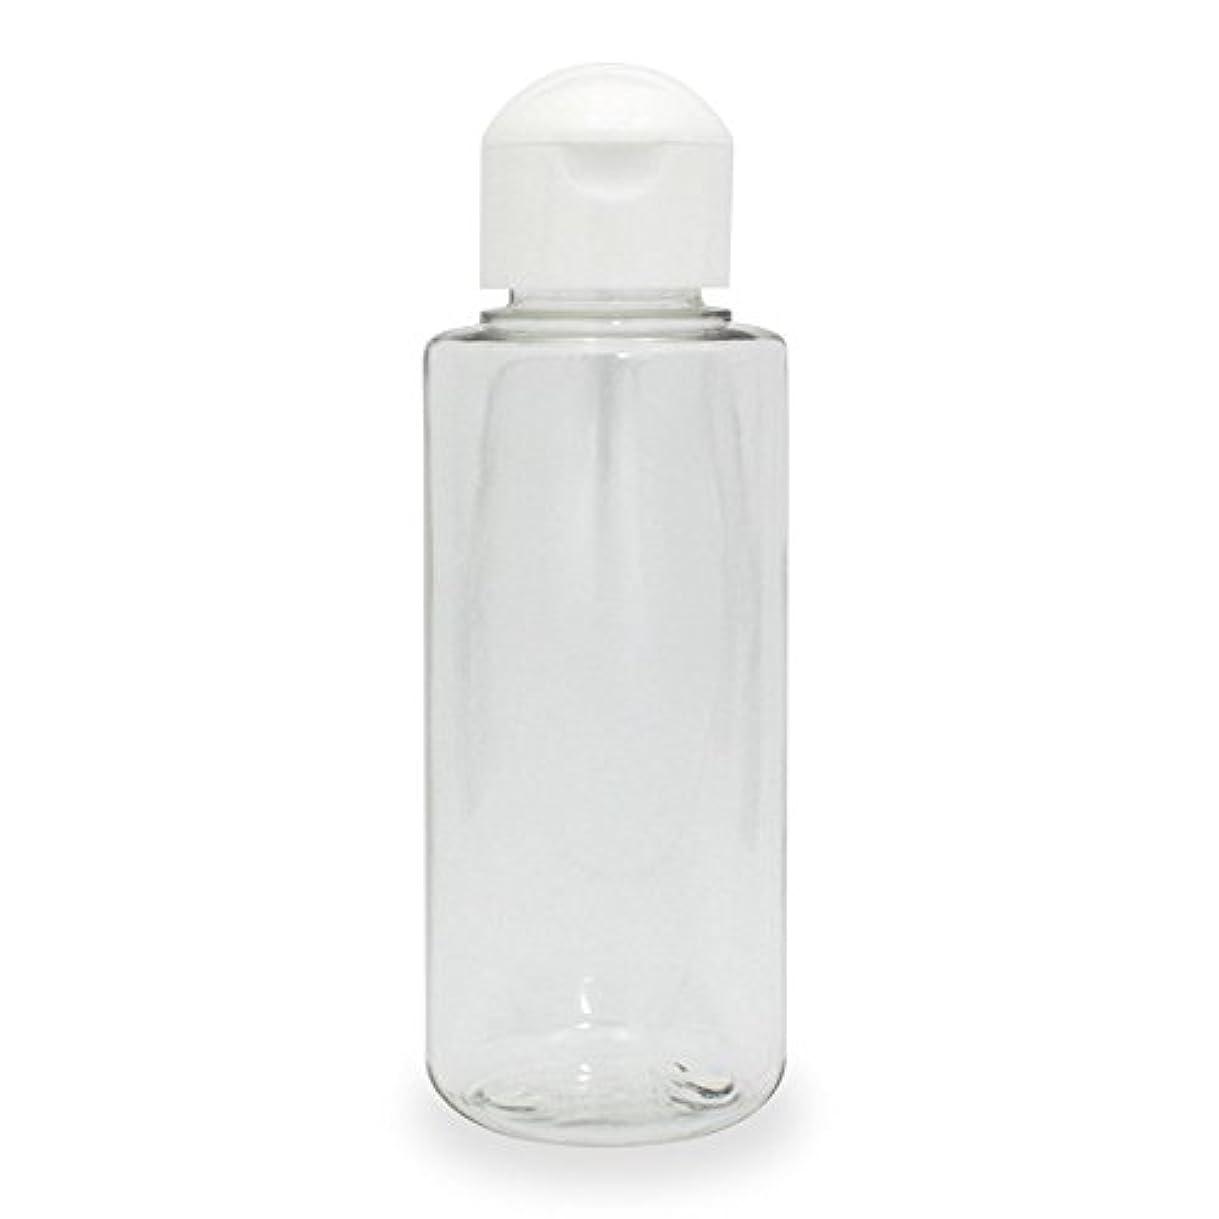 限られた特異な未払いクリアボトル100ml ヒンジキャップ付きで使いやすく持ち運びに便利。(プラスチック容器/オイル用空瓶 プラスチック製-PET)